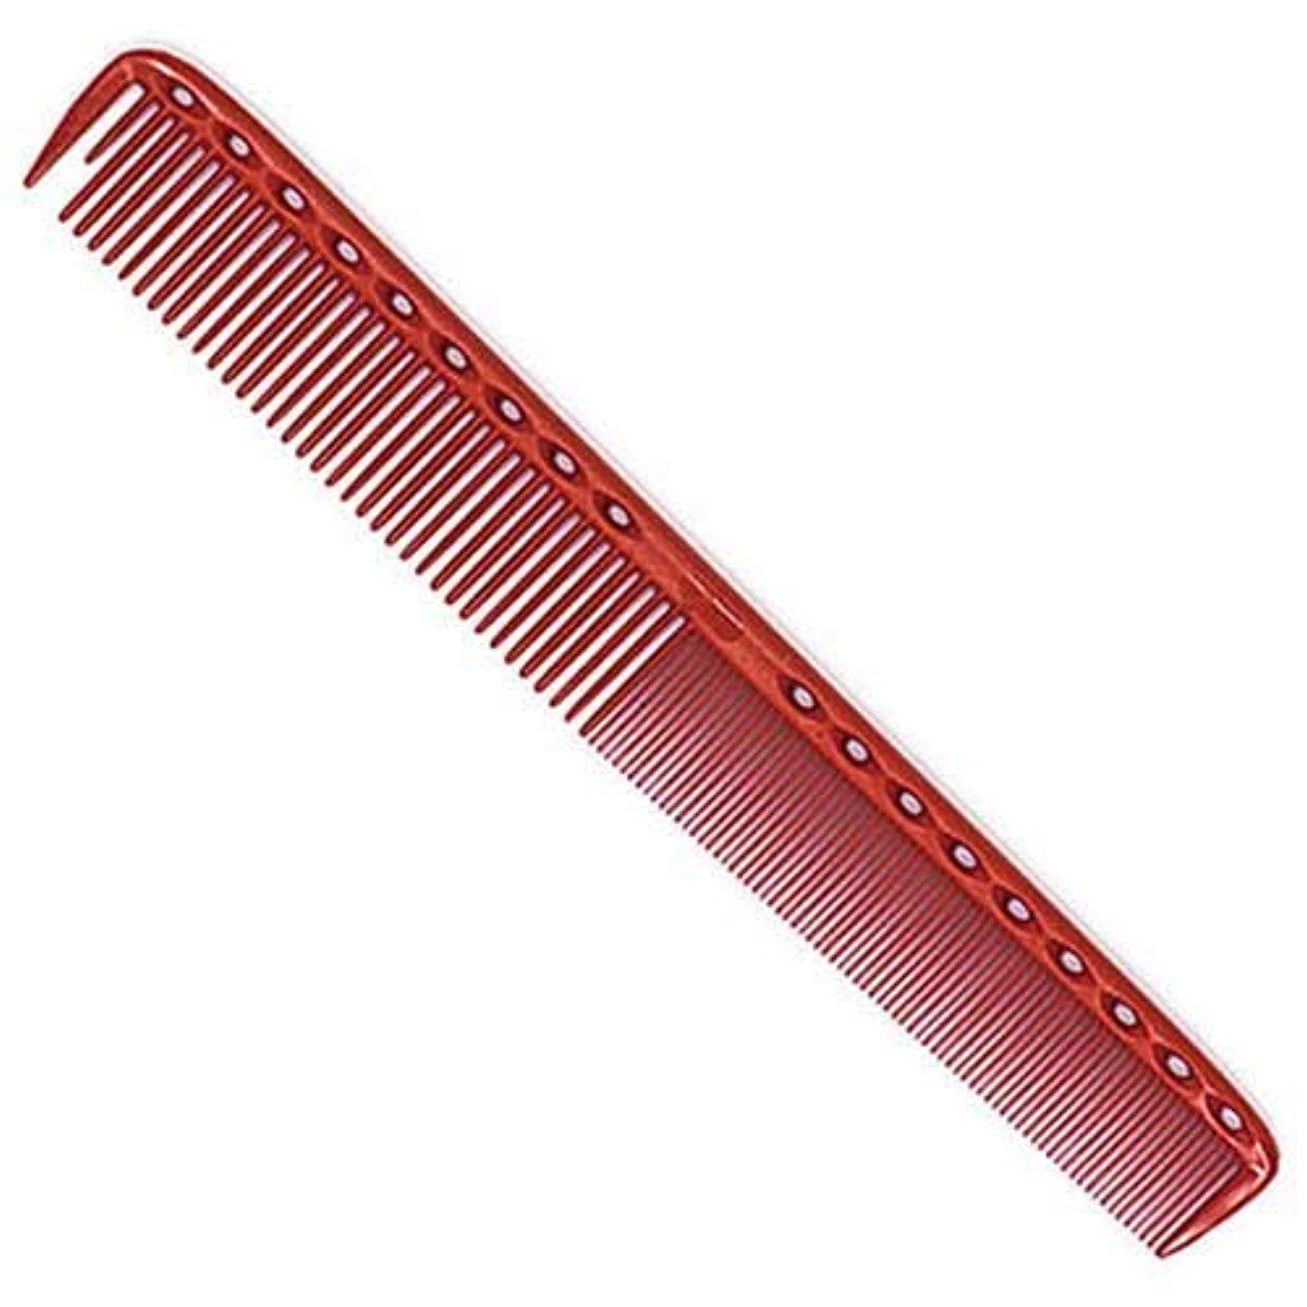 ビジュアルテクトニックであるYS Park 335 Fine Cutting Comb (Extra Long) - Red [並行輸入品]